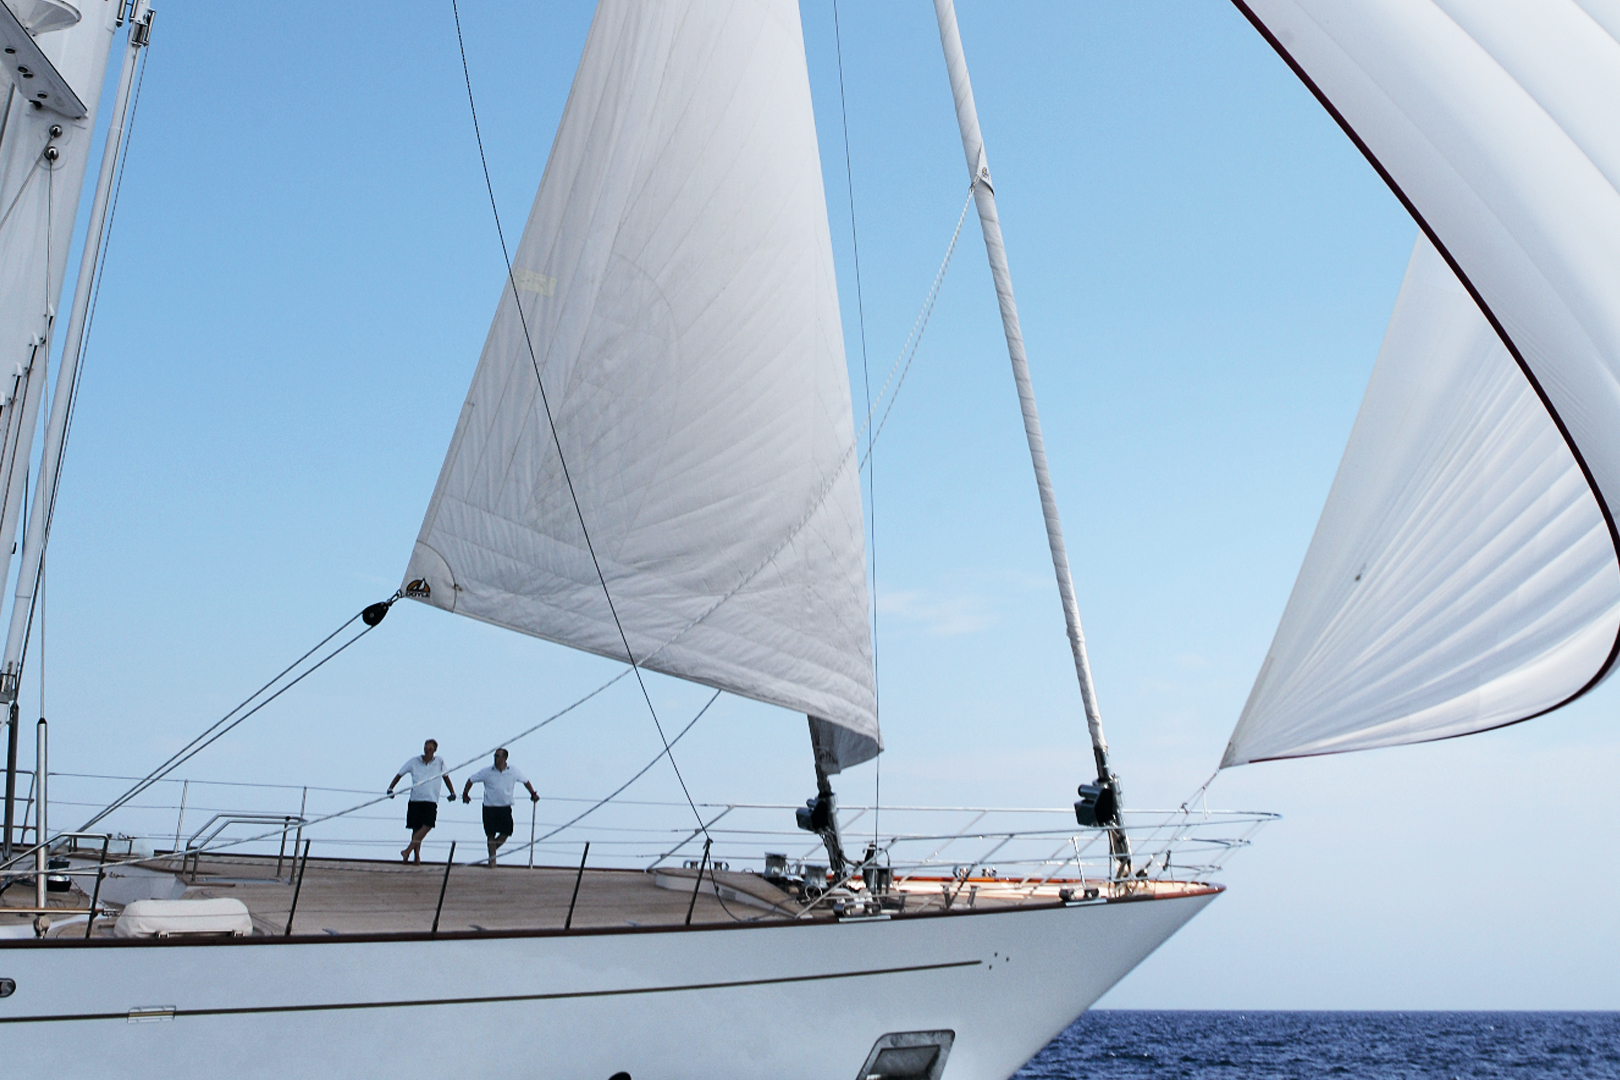 sailing-gallery-8.jpg